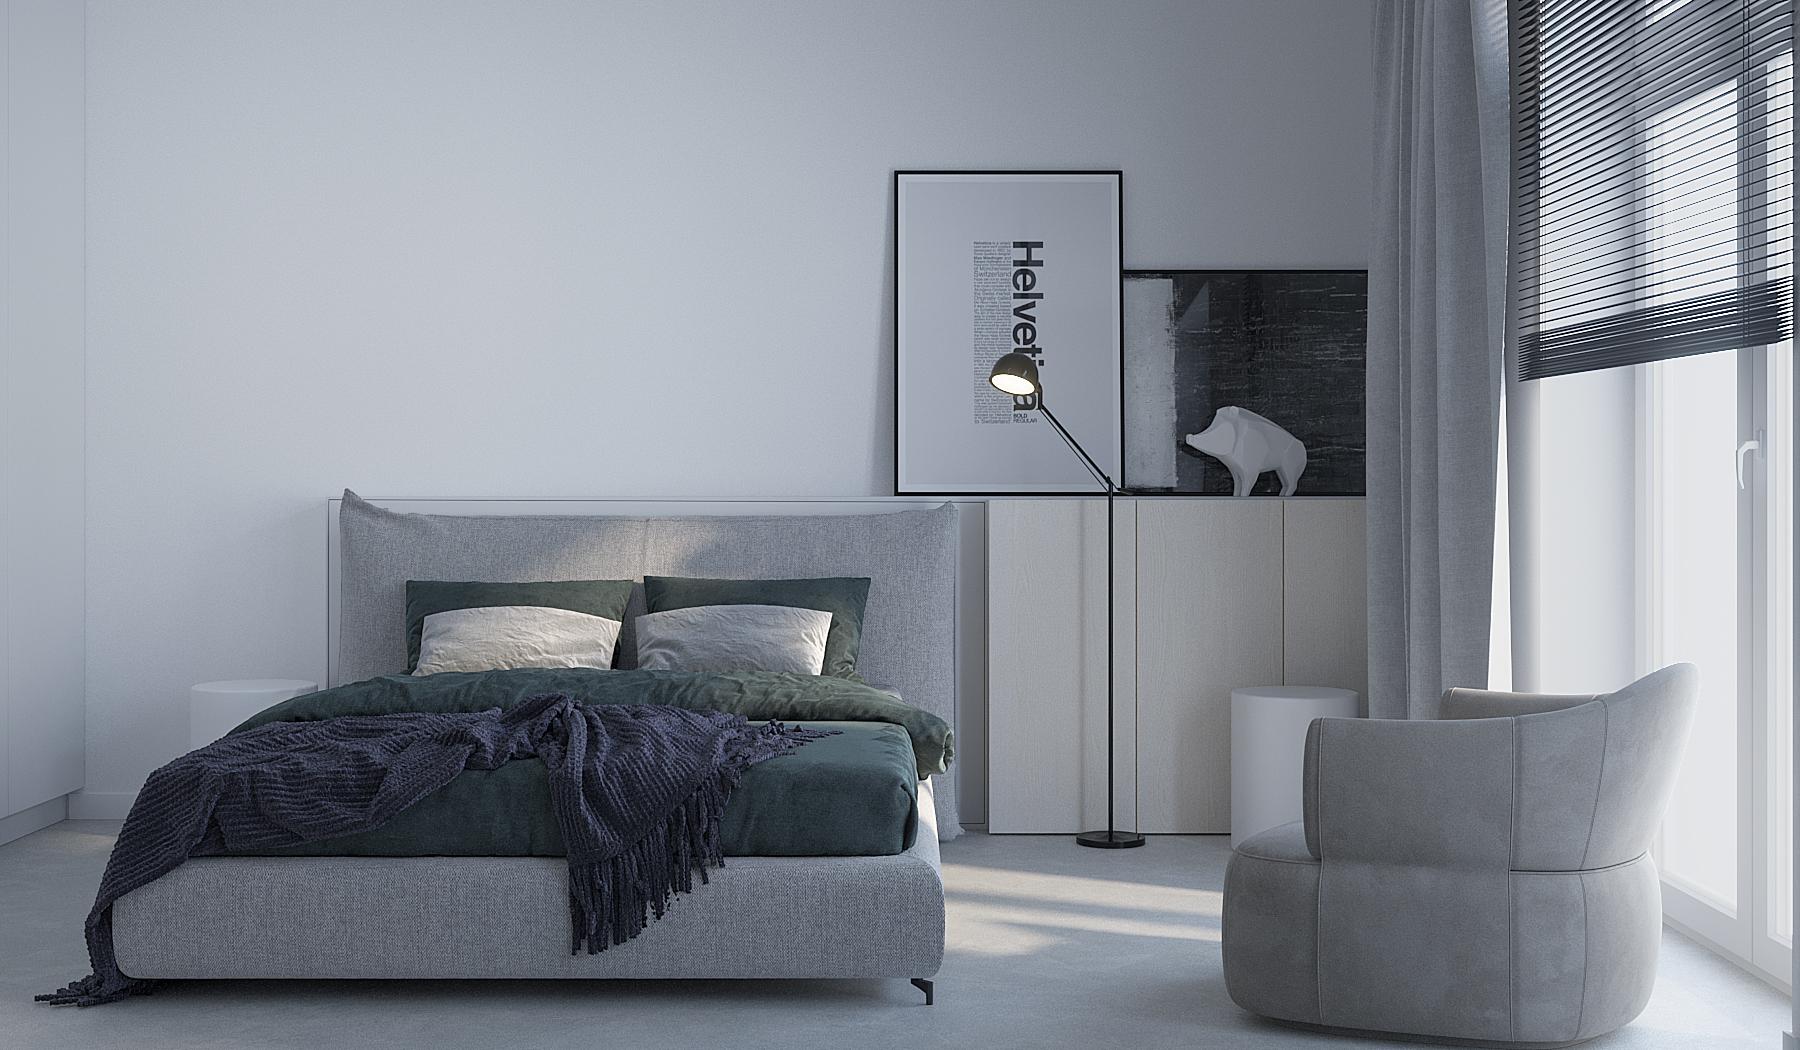 5 projektowanie wnetrz M245 mieszkanie krakow sypialnia szare tapicerowane lozko fotel betonowa posadzka